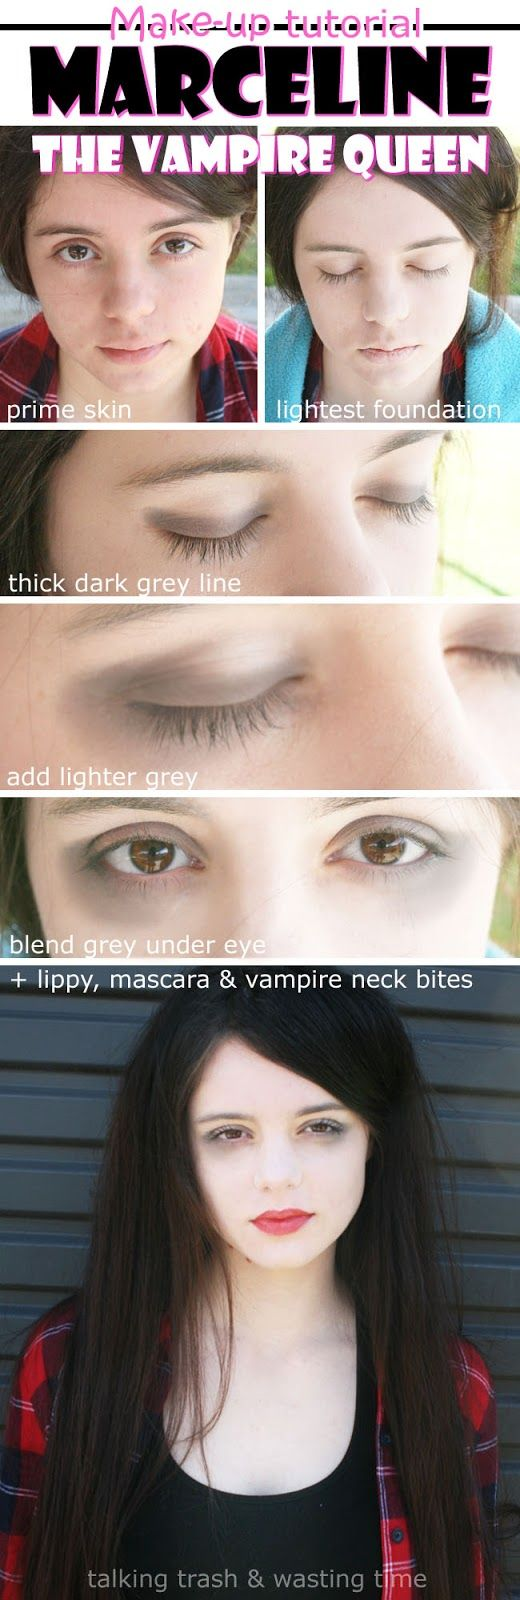 79 best scary images on Pinterest | Halloween stuff, Halloween ...